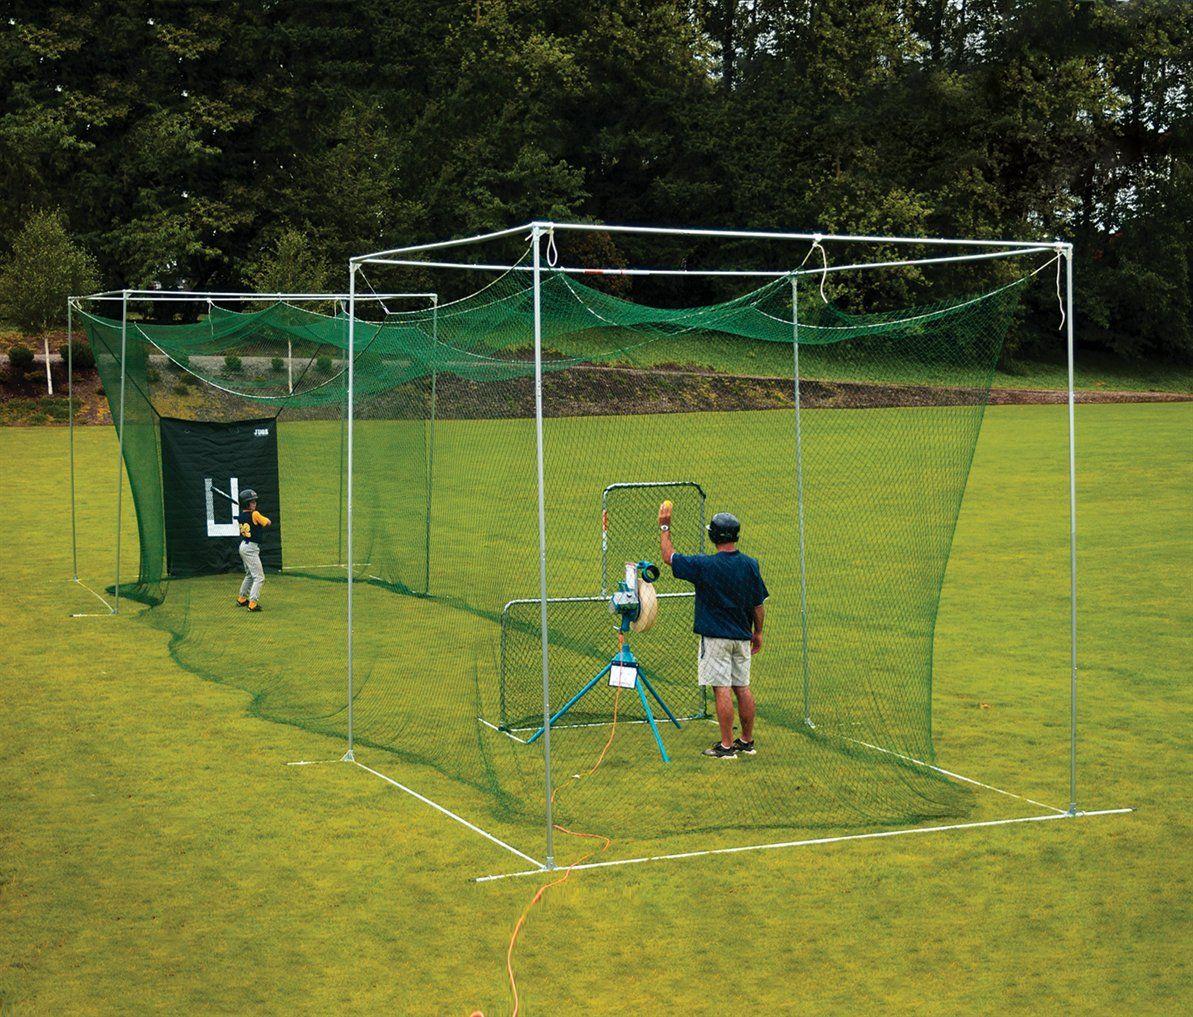 20.backyard batting cages ideas outside space backyard baseball via SIMPHOME.COM